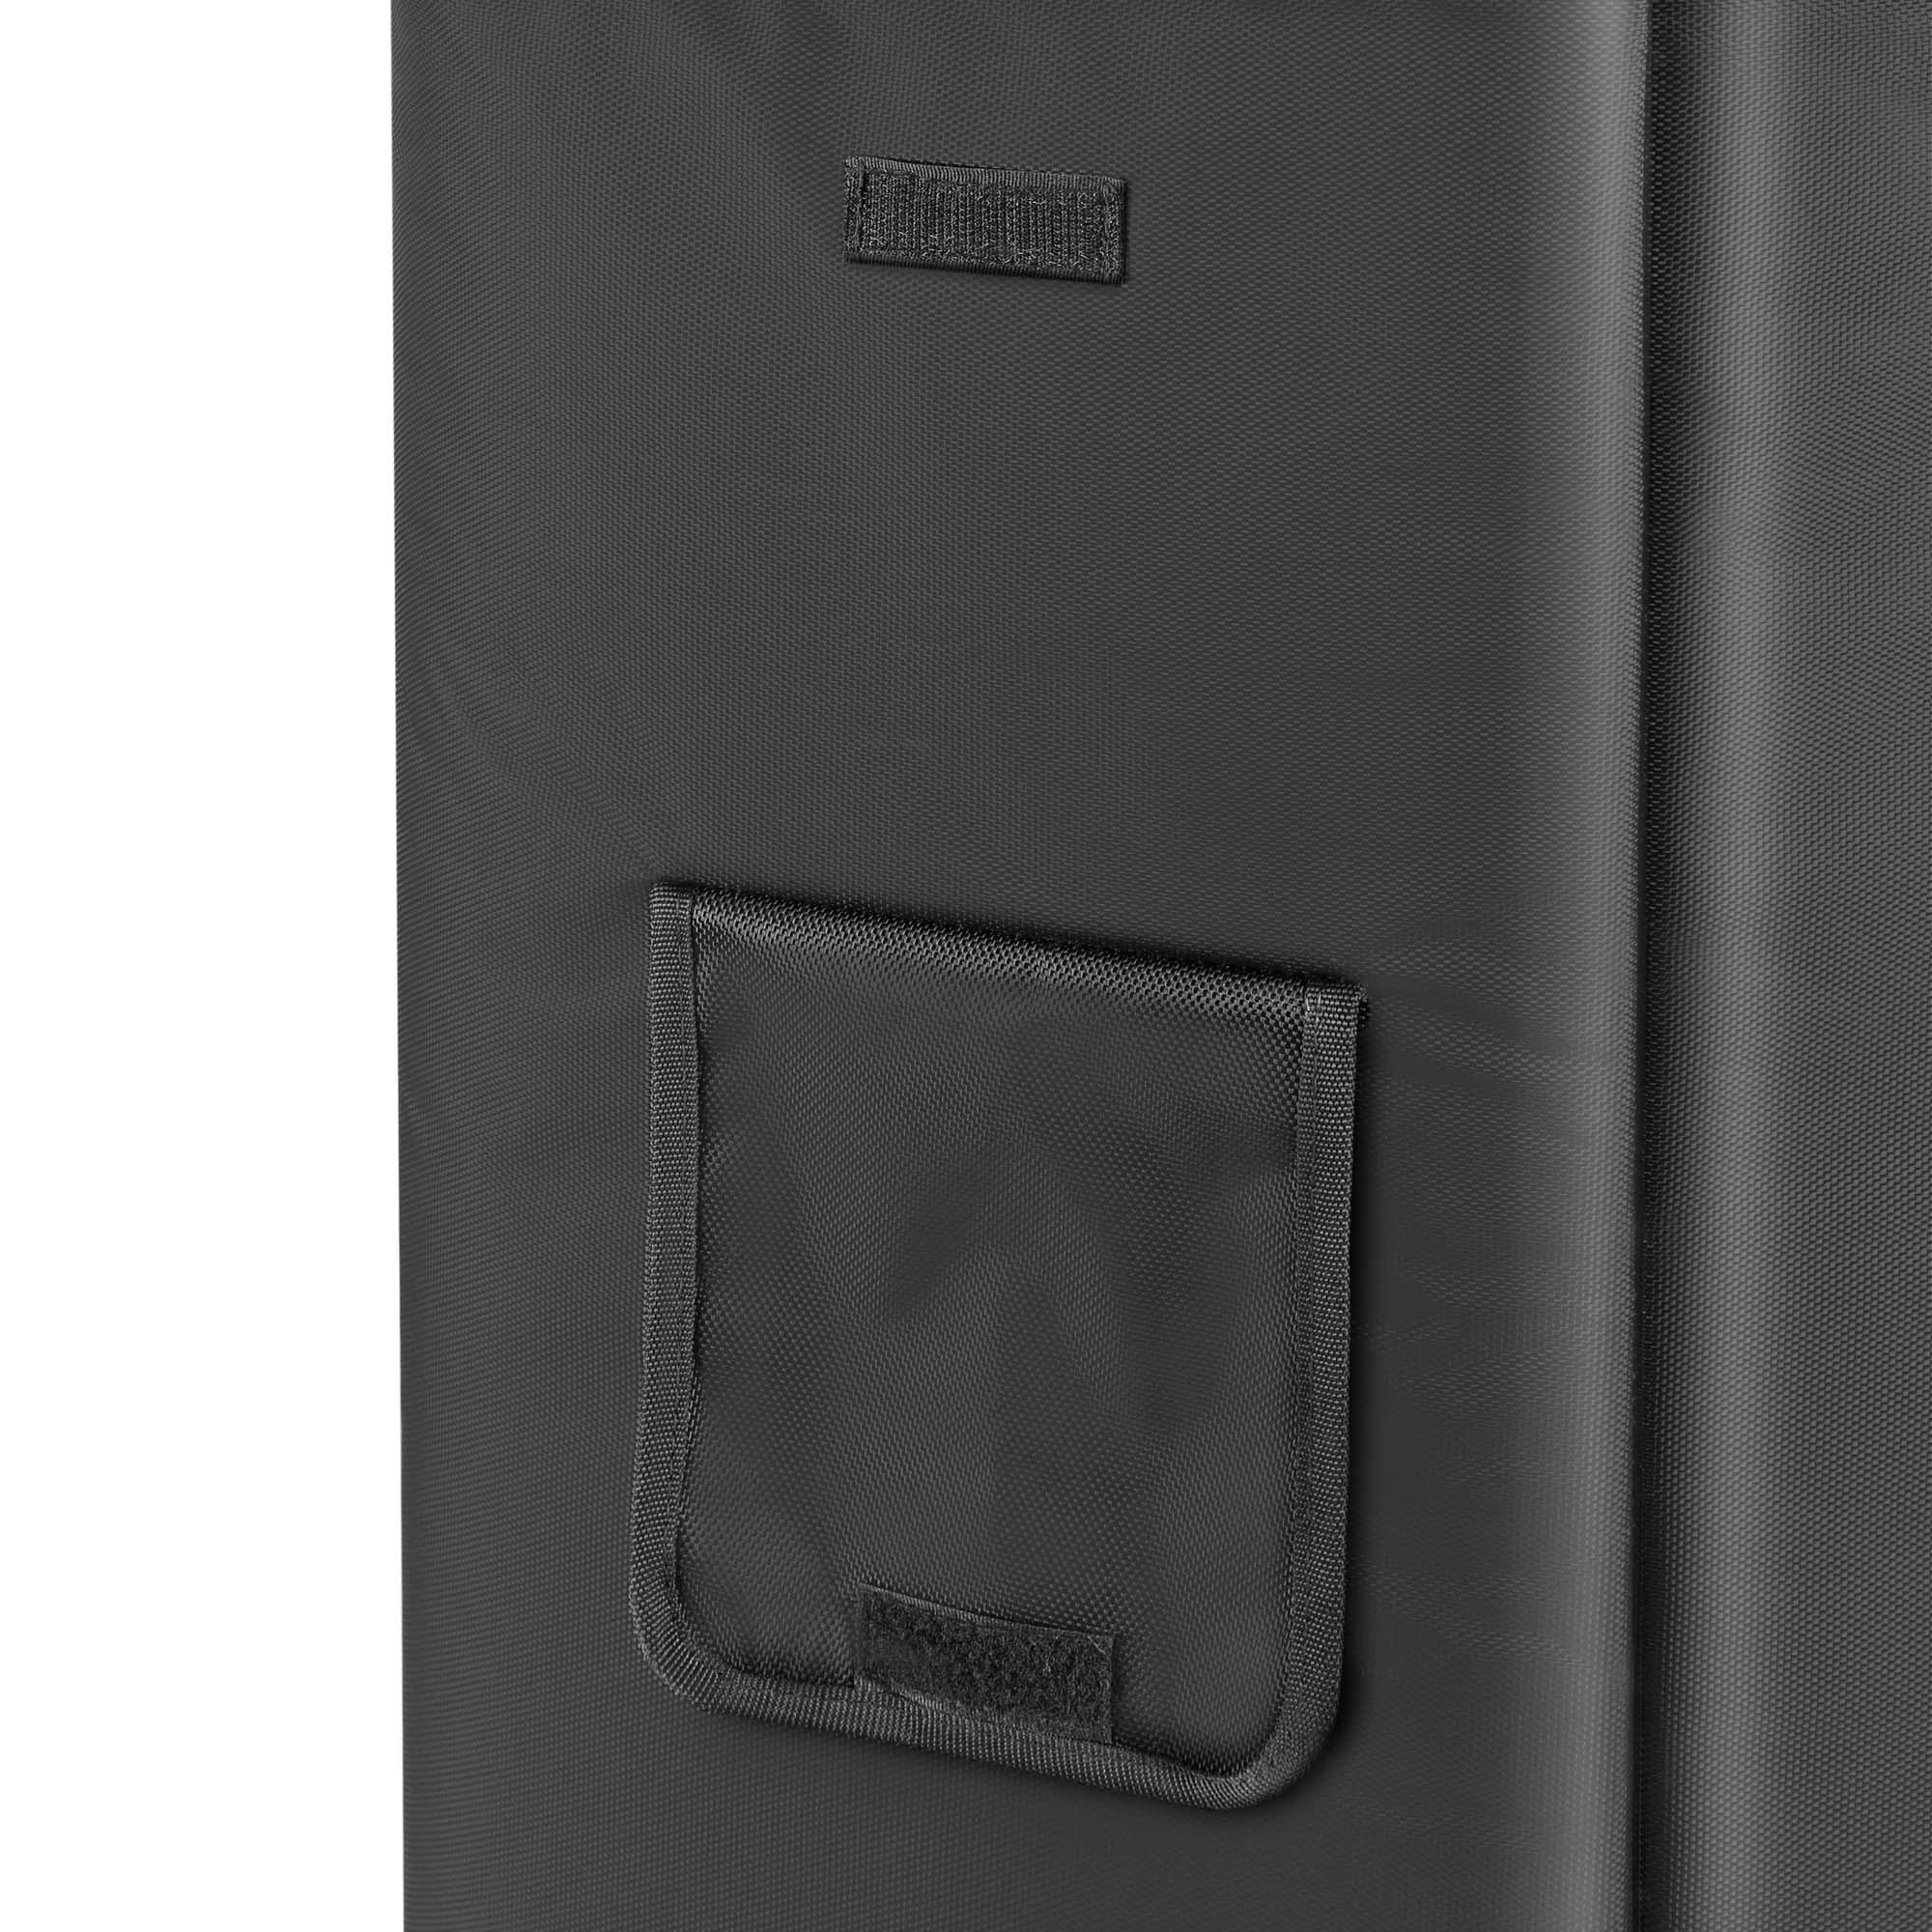 """STINGER 12 G3 PC Gepolsterte Schutzhülle für Stinger® G3 PA-Lautsprecher 12"""""""